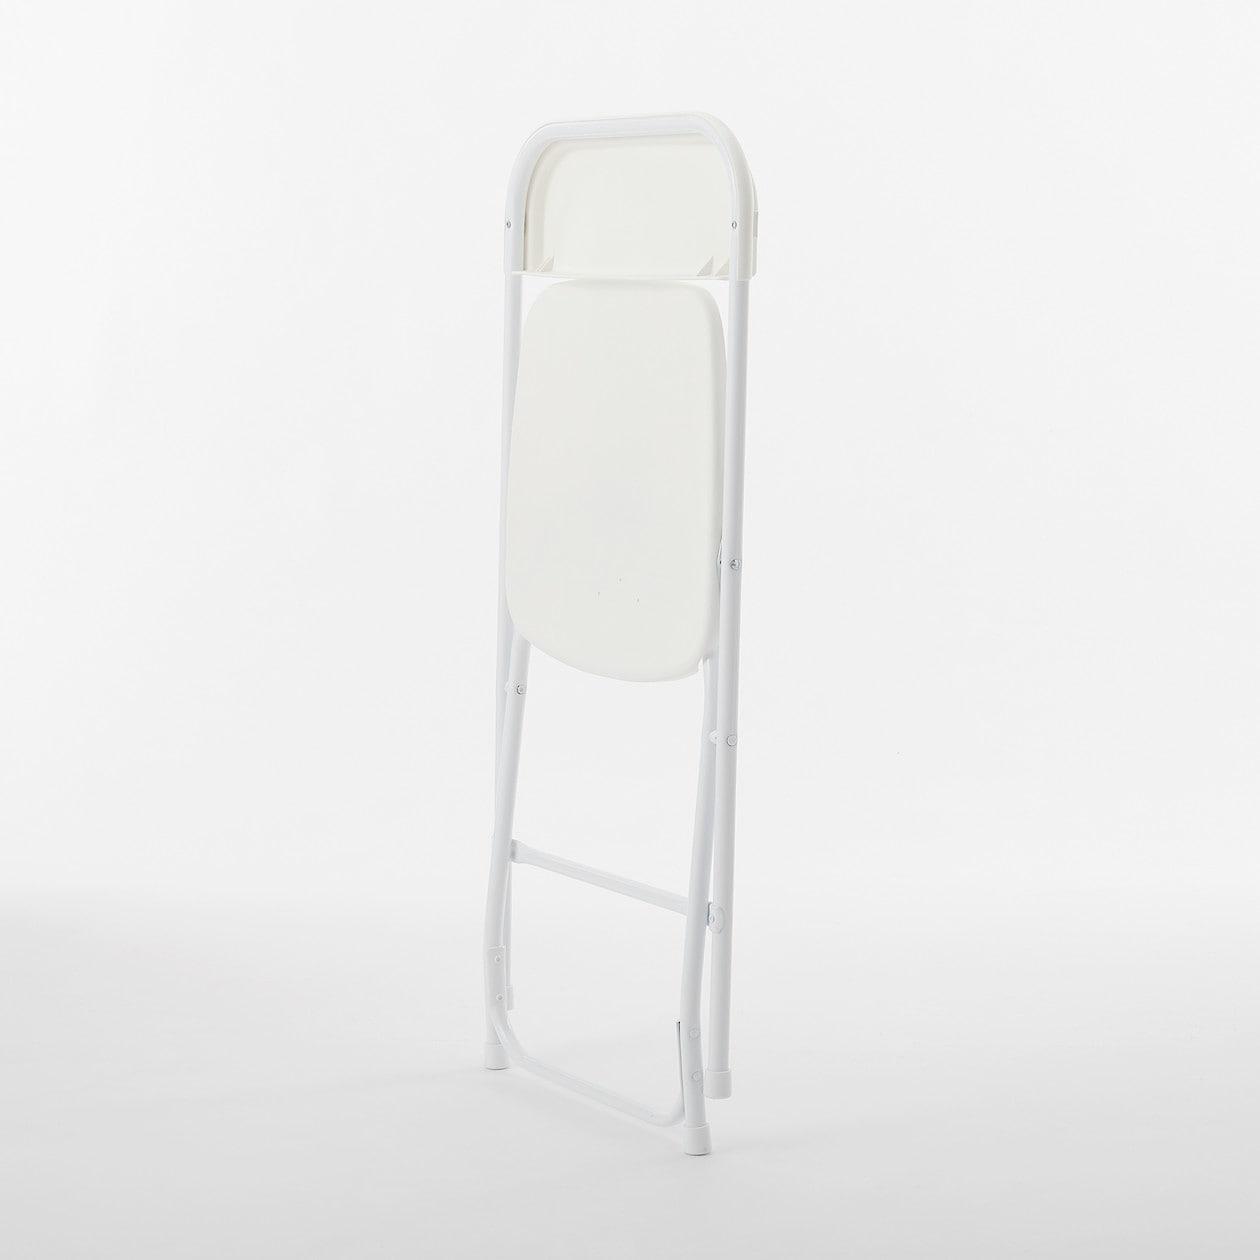 無印良品 パイプ椅子